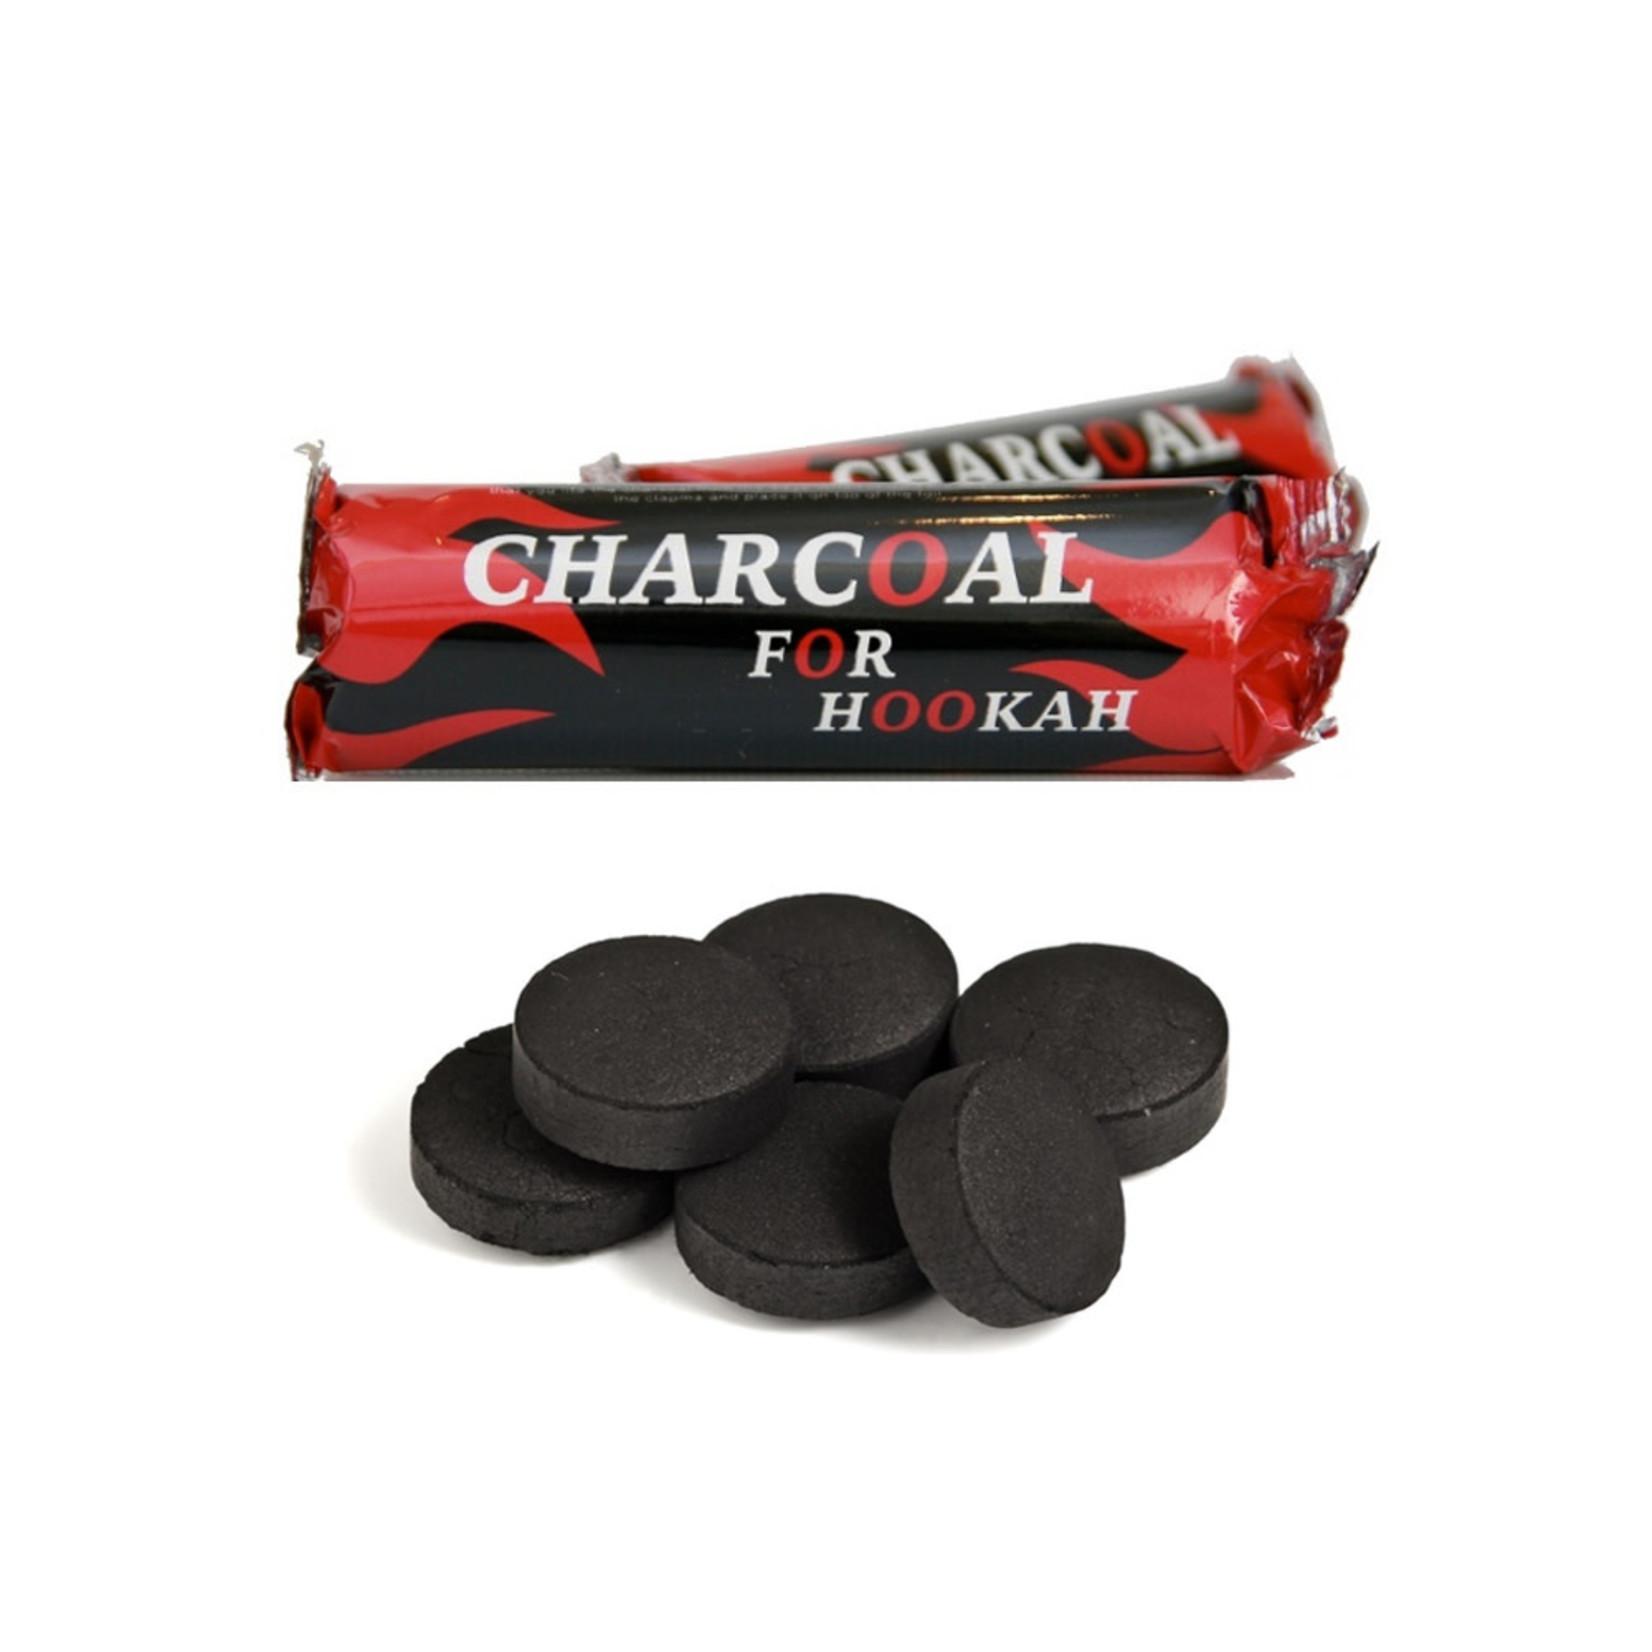 CHARCOAL HOOKAH